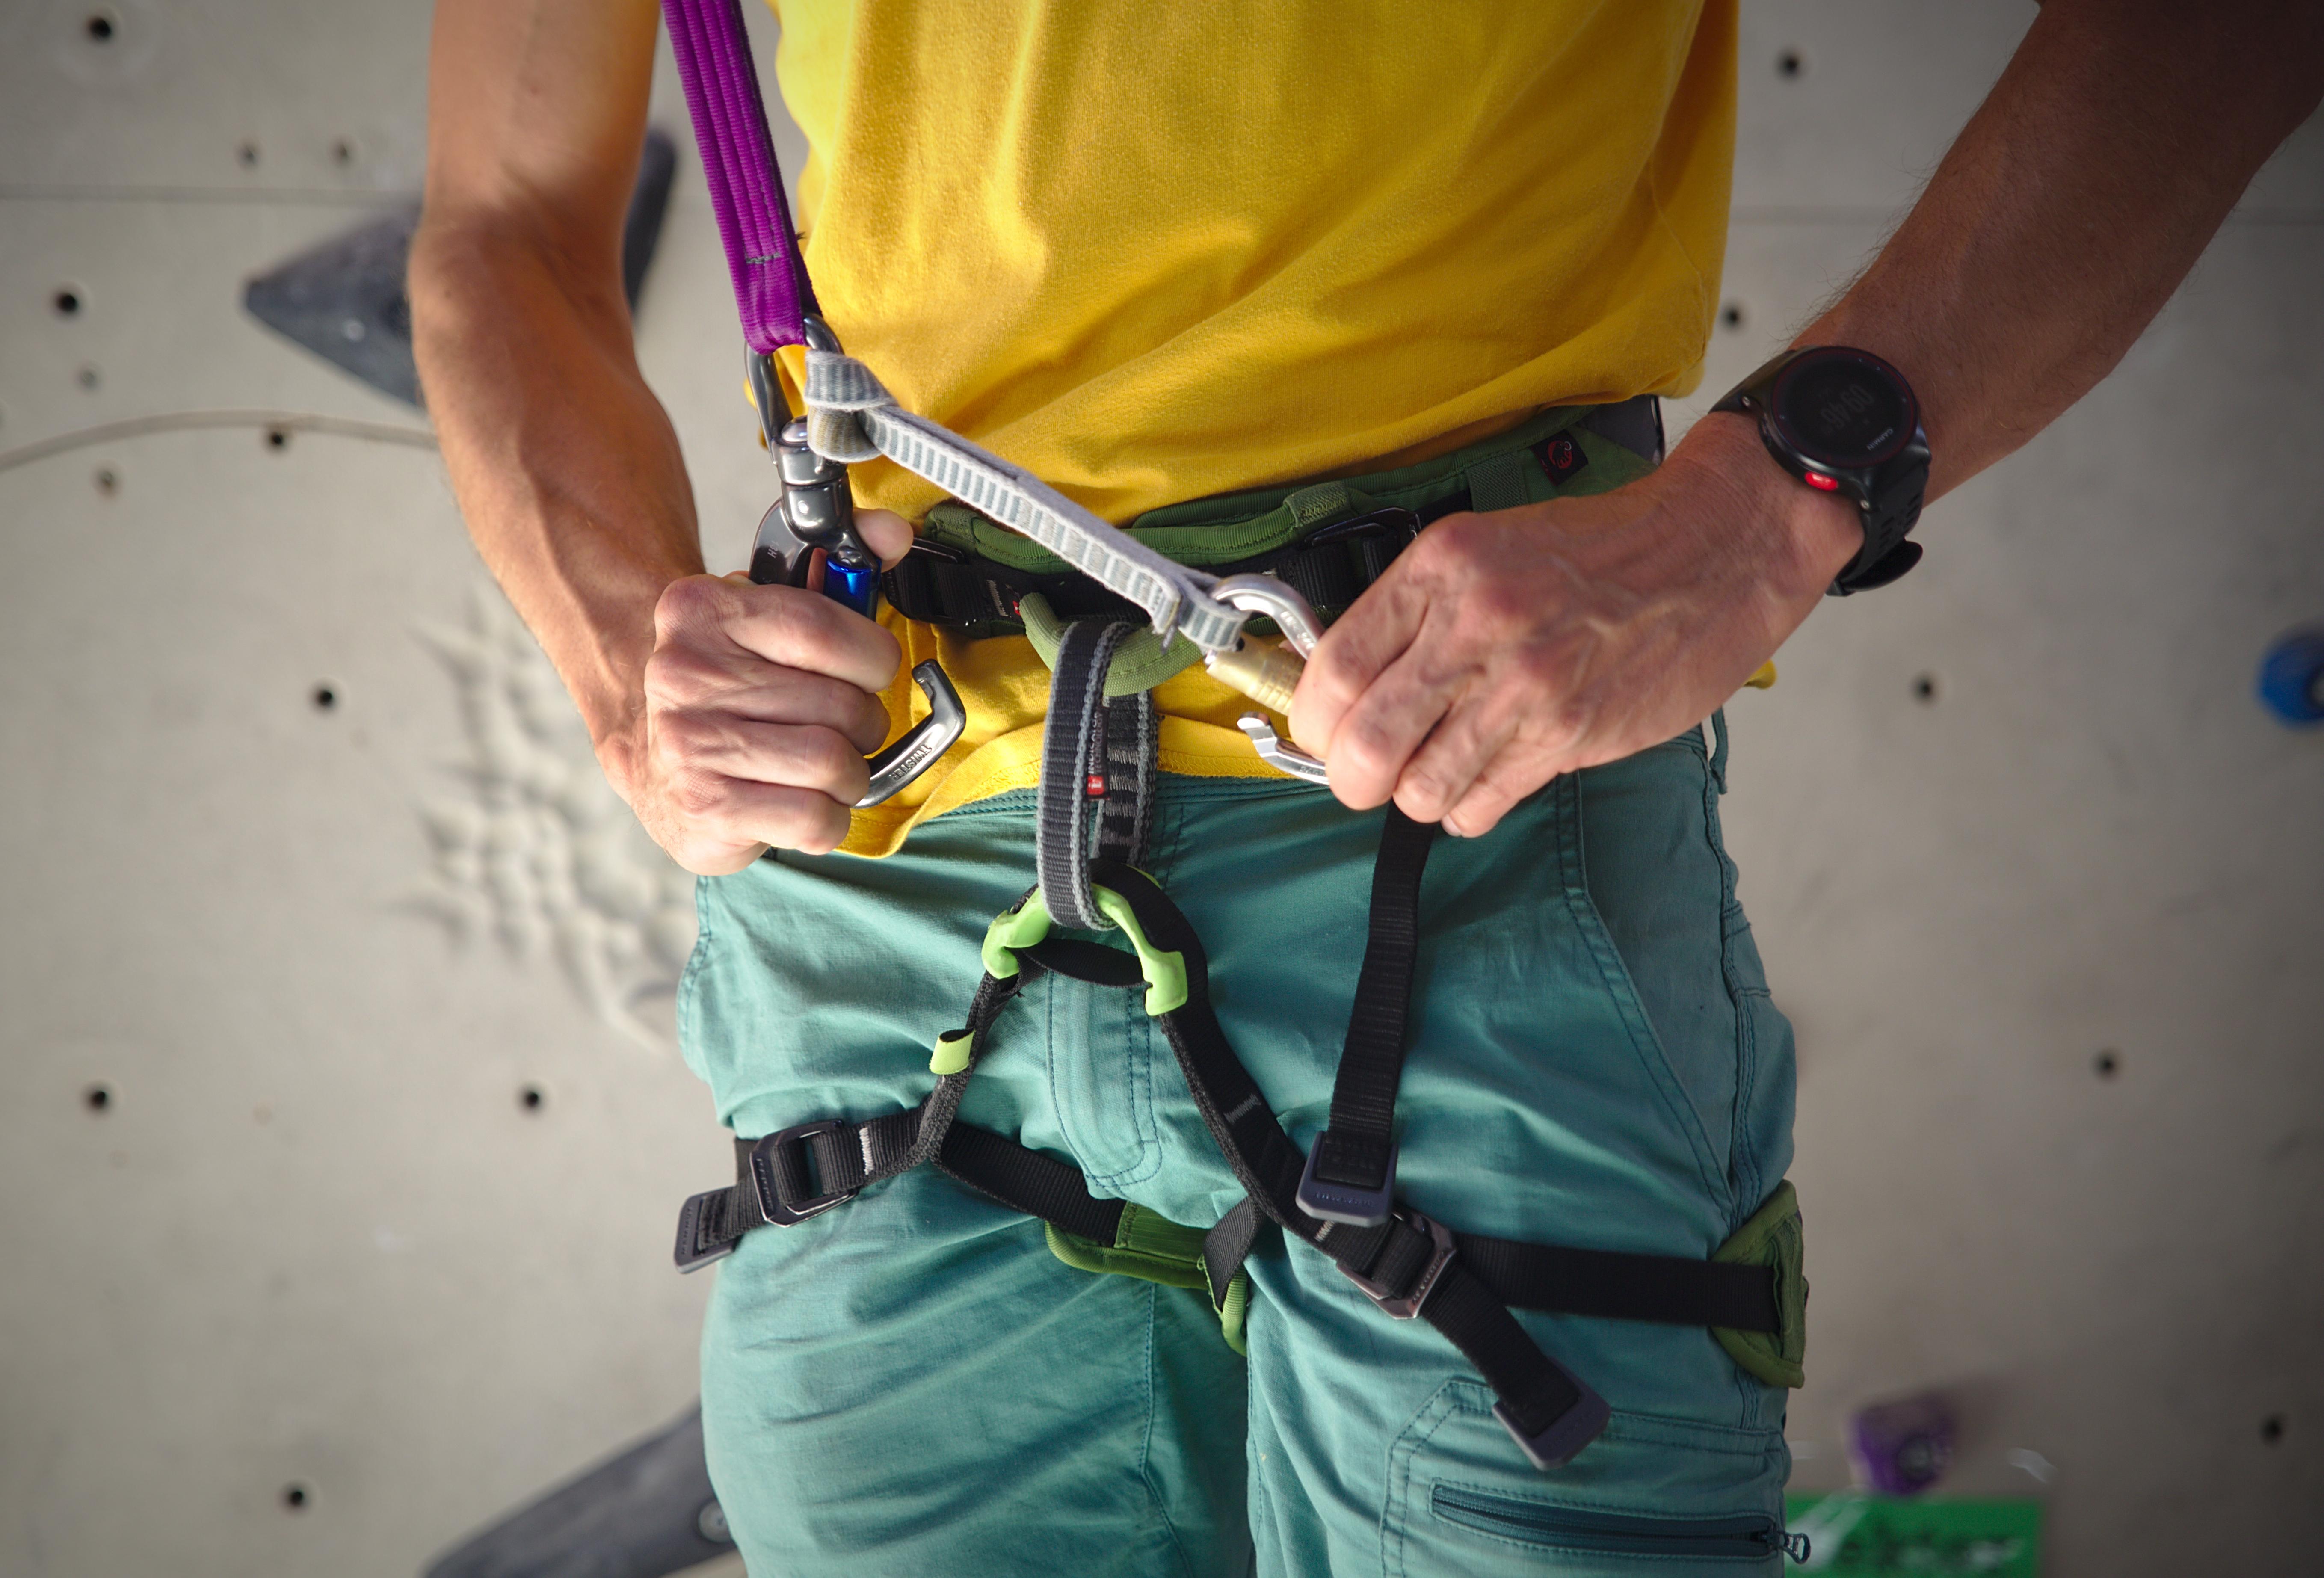 Klettergurt Mit Selbstsicherung : Verleih city adventure center